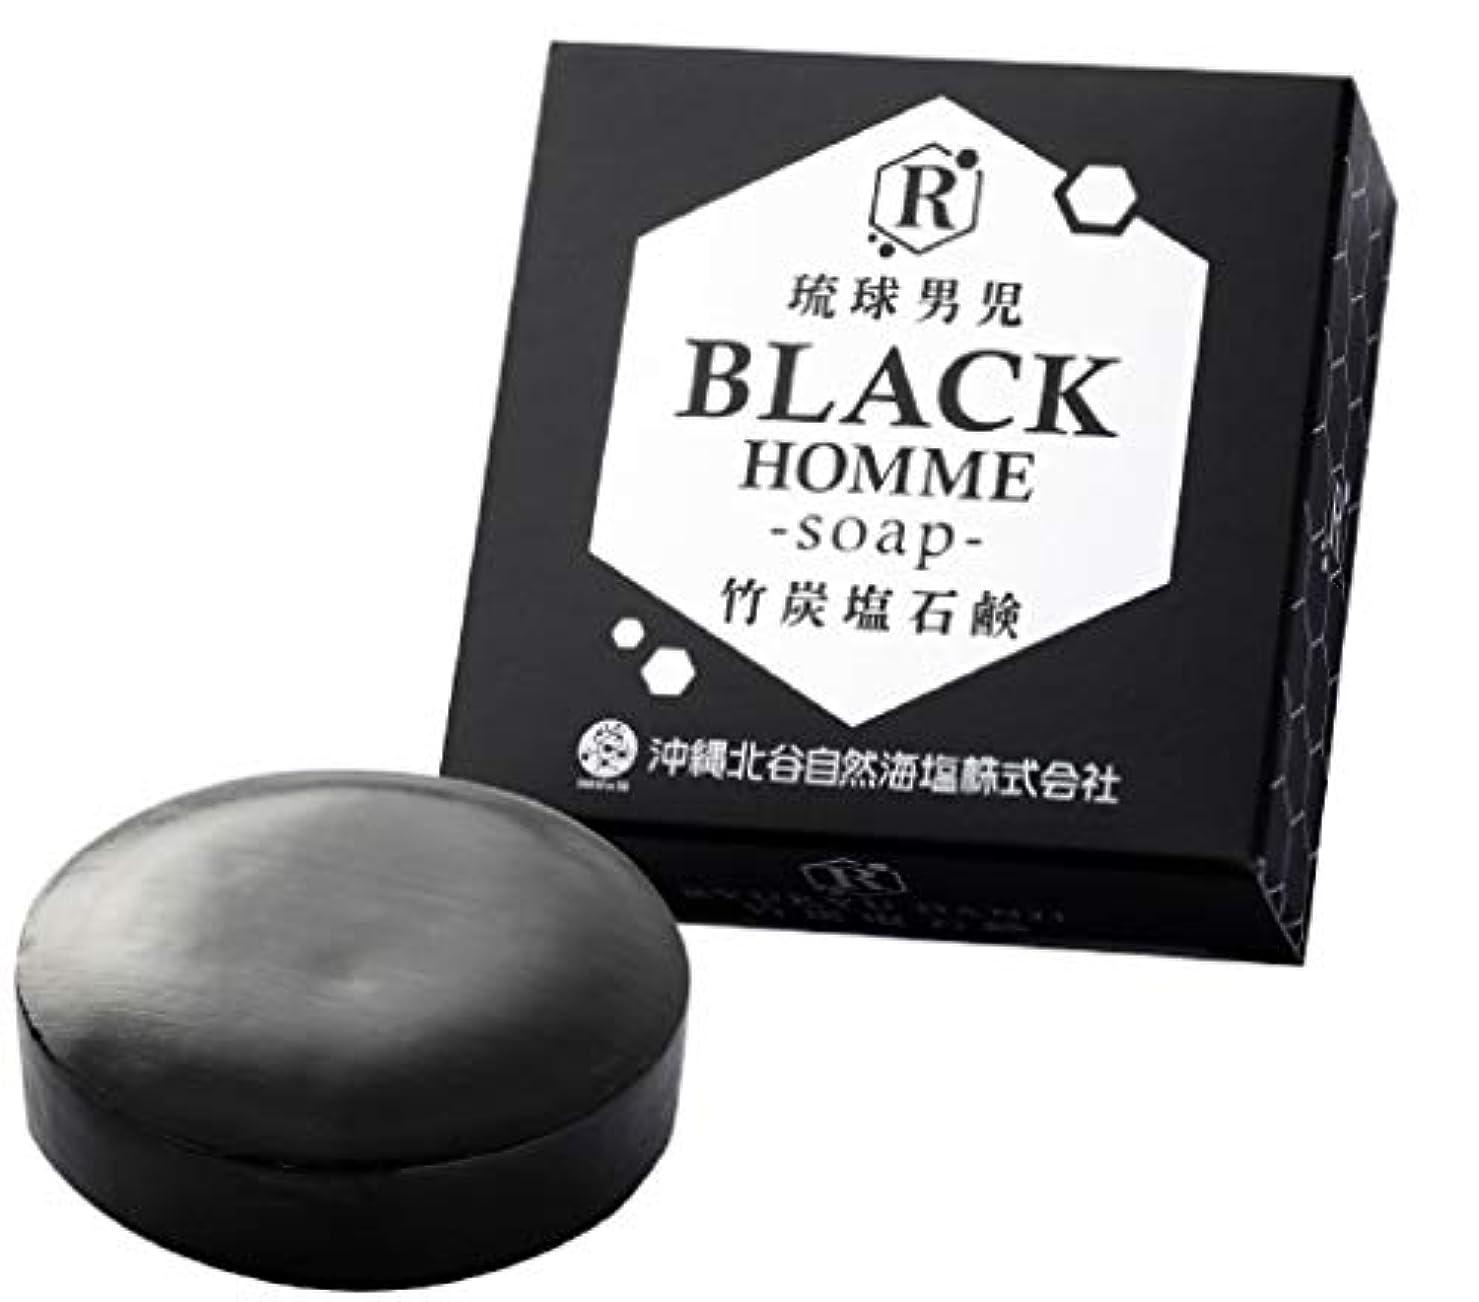 排除家禽性格【2個セット】琉球男児 竹炭塩石鹸 BLACK HOMME-soap- 60g 泡立てネット付き